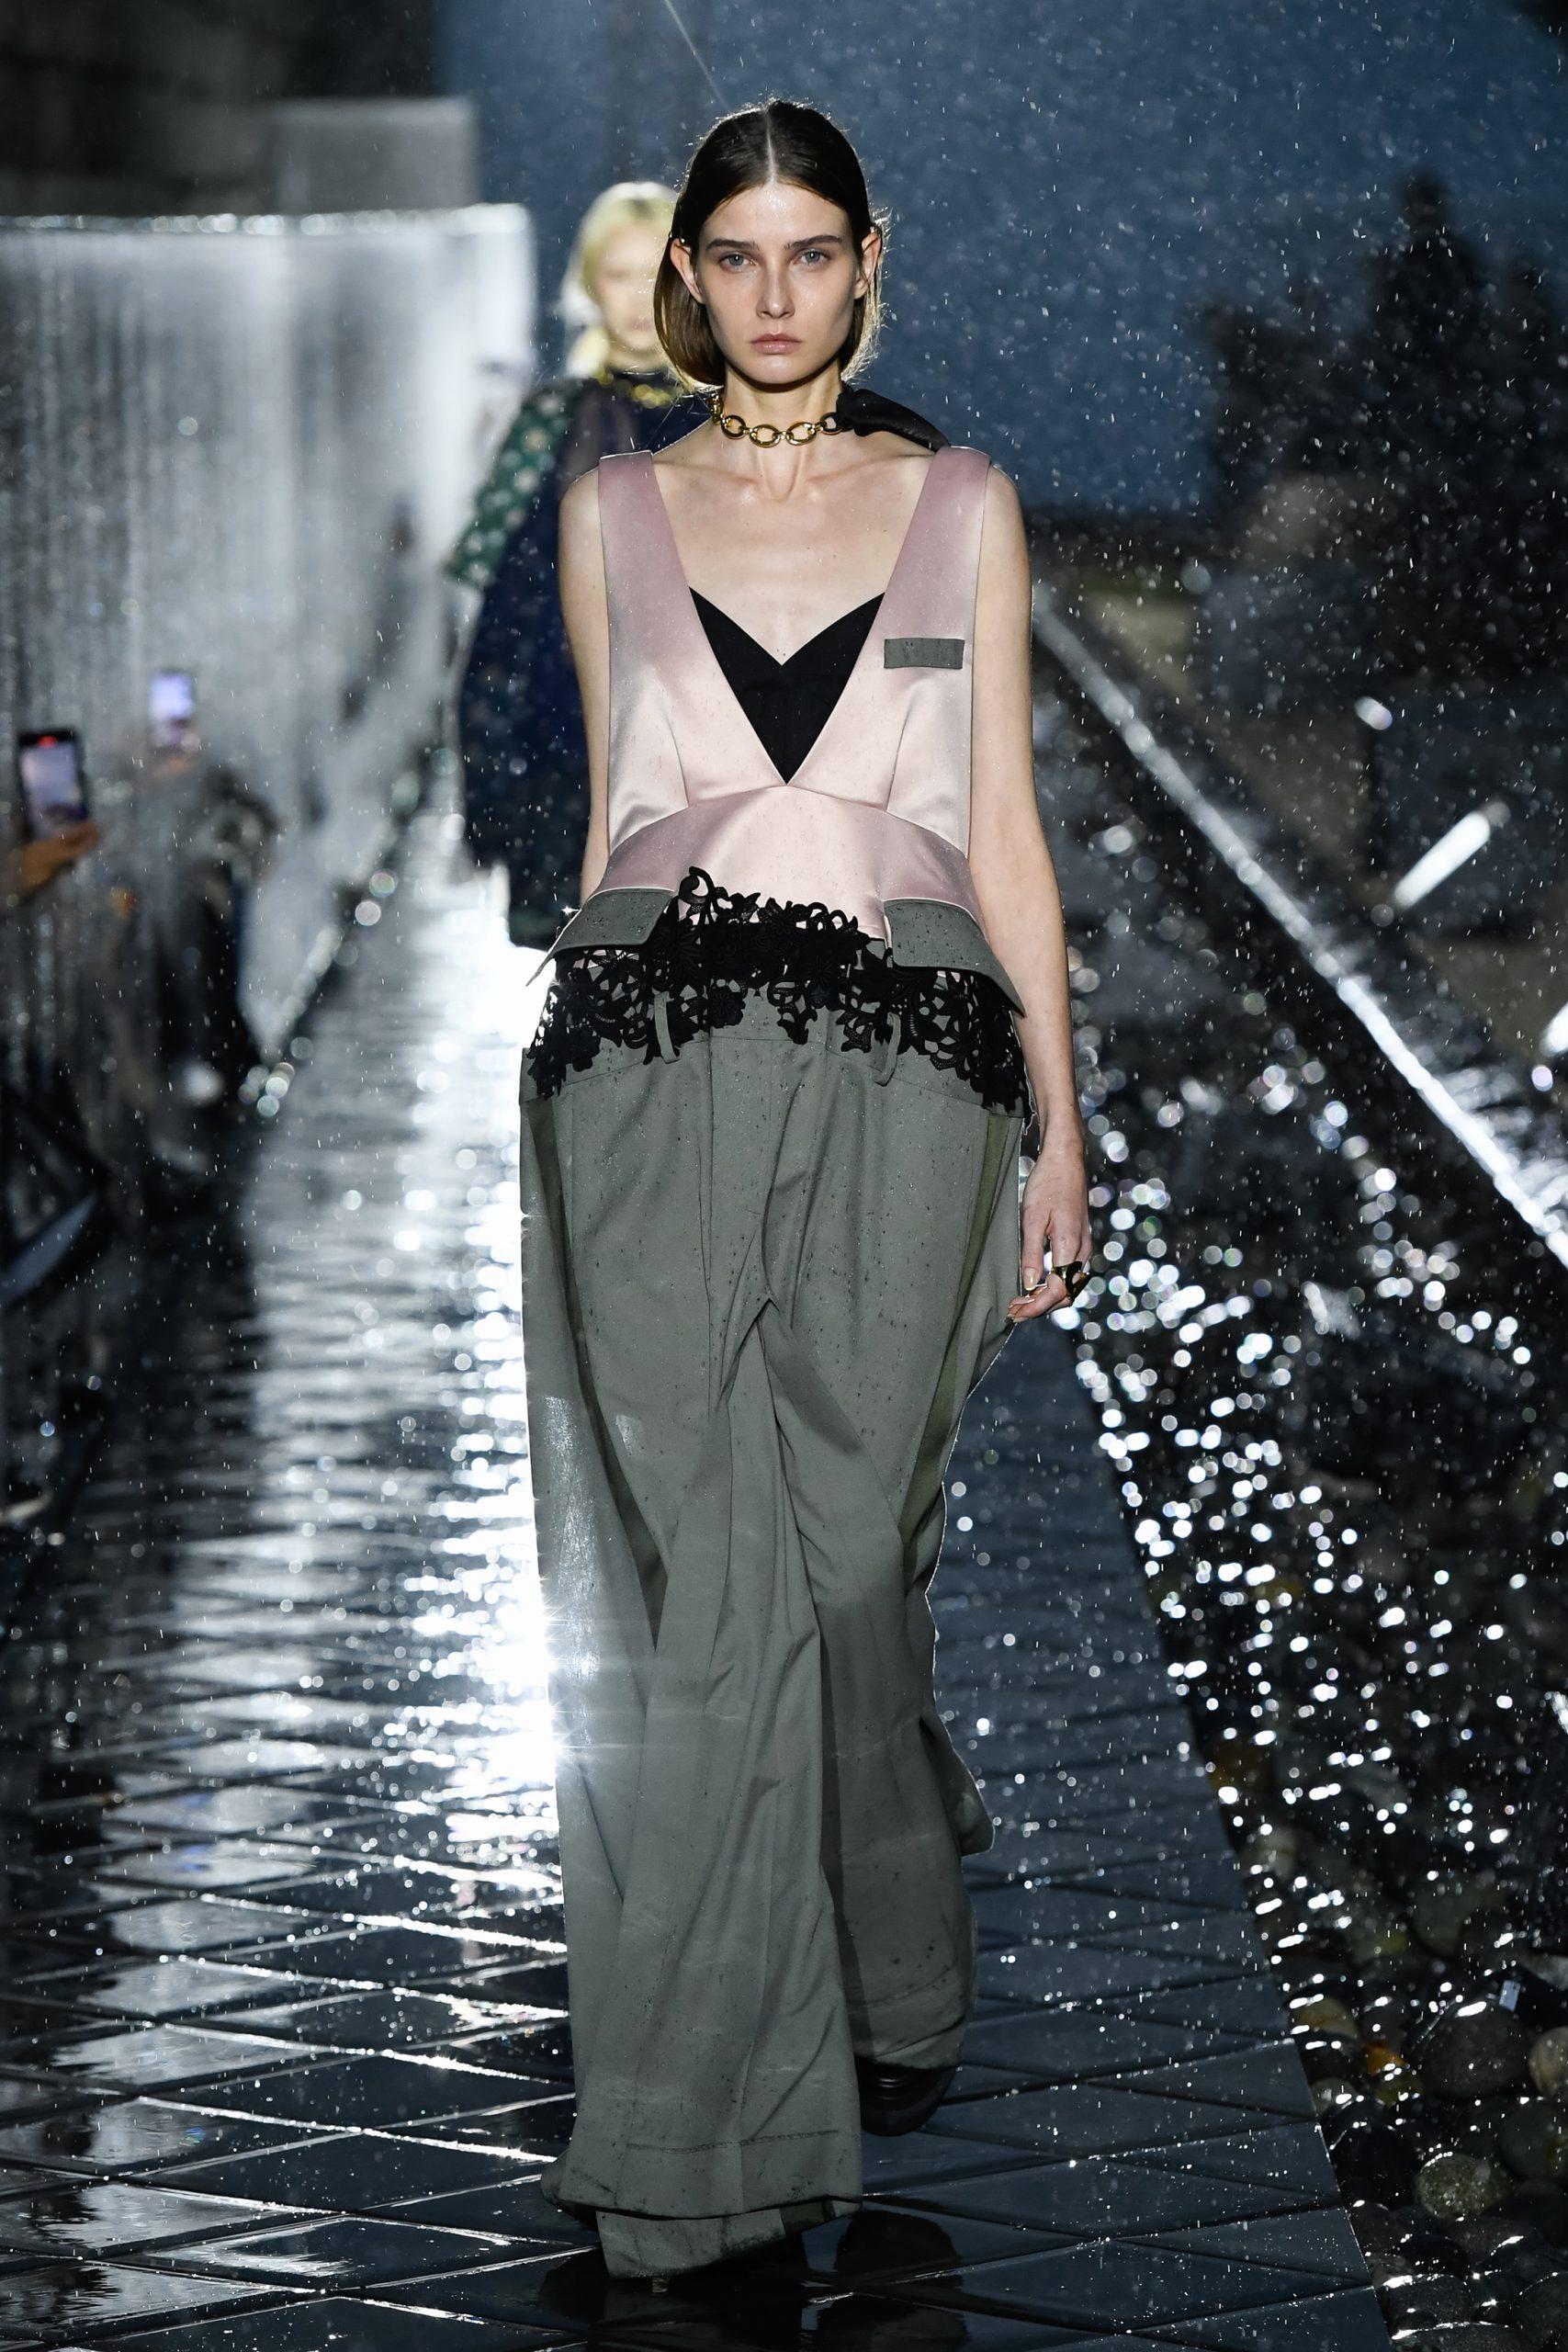 Sacai Spring 2021 Fashion Collection Photos